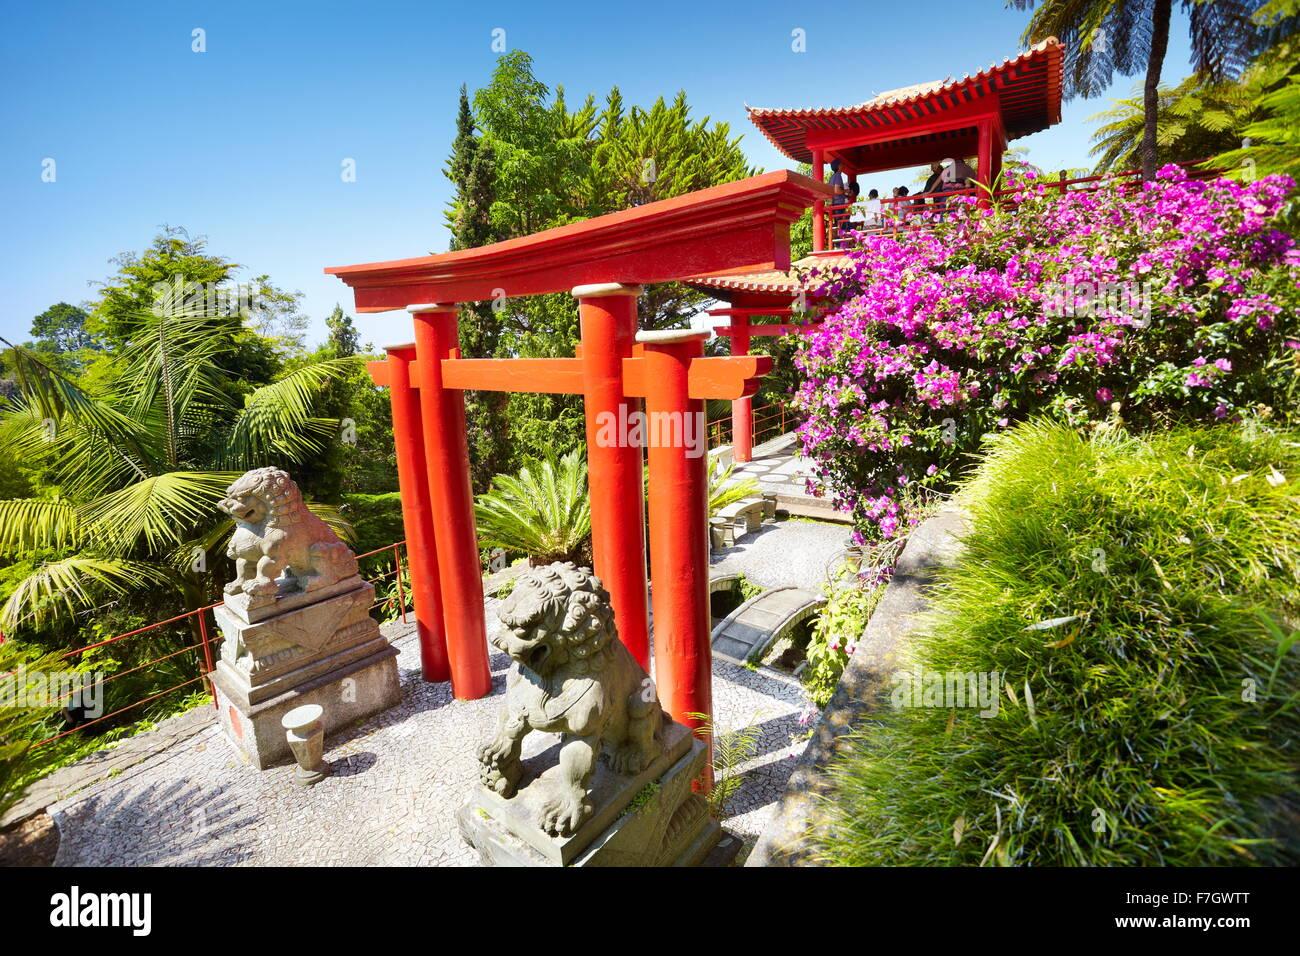 Japanisch japan orientalische tropischen Garten - Monte, die Insel Madeira, Portugal Stockbild